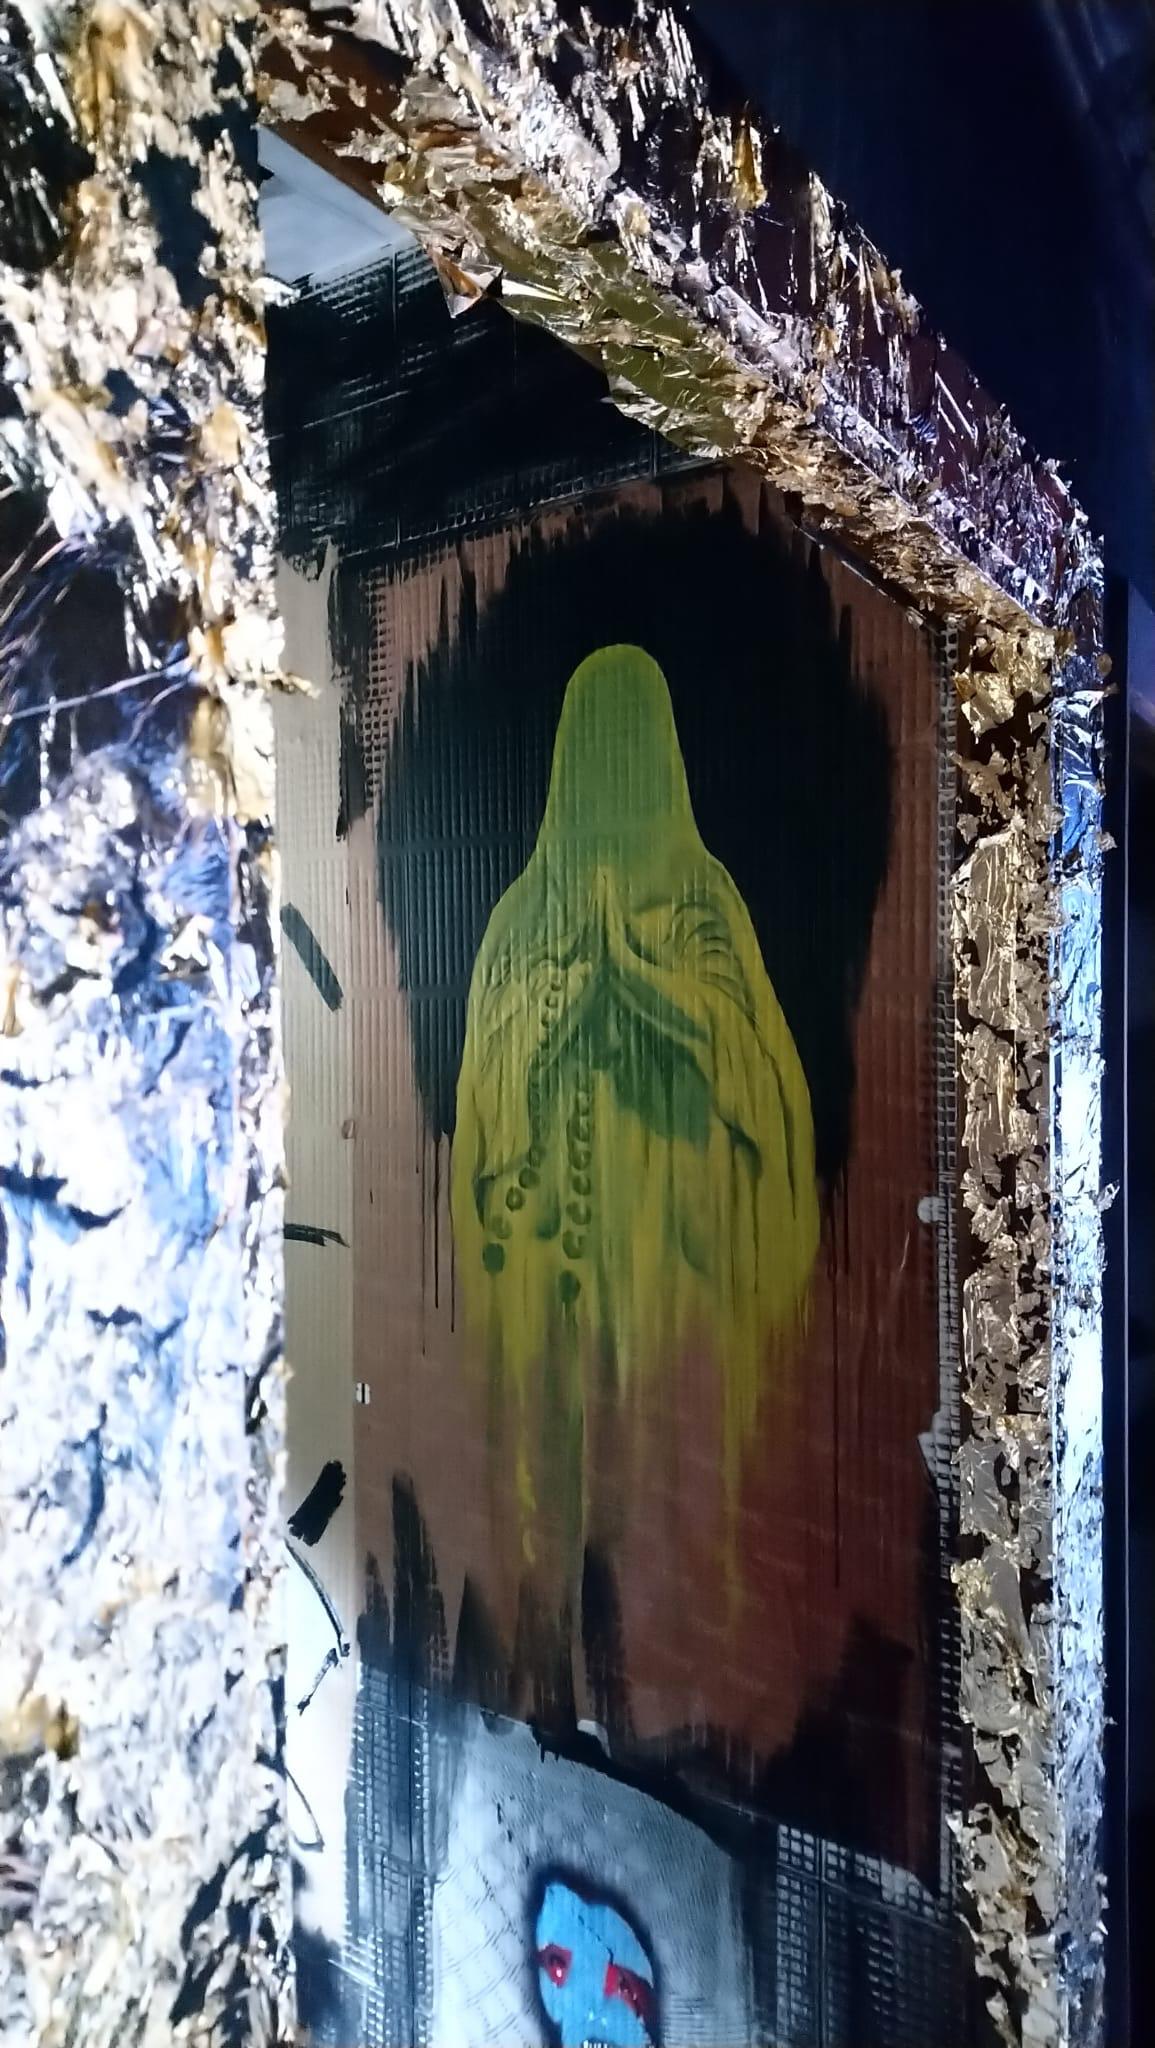 arte urbano galería abandonada SM172, Isable Rabassa, Papa urbano x